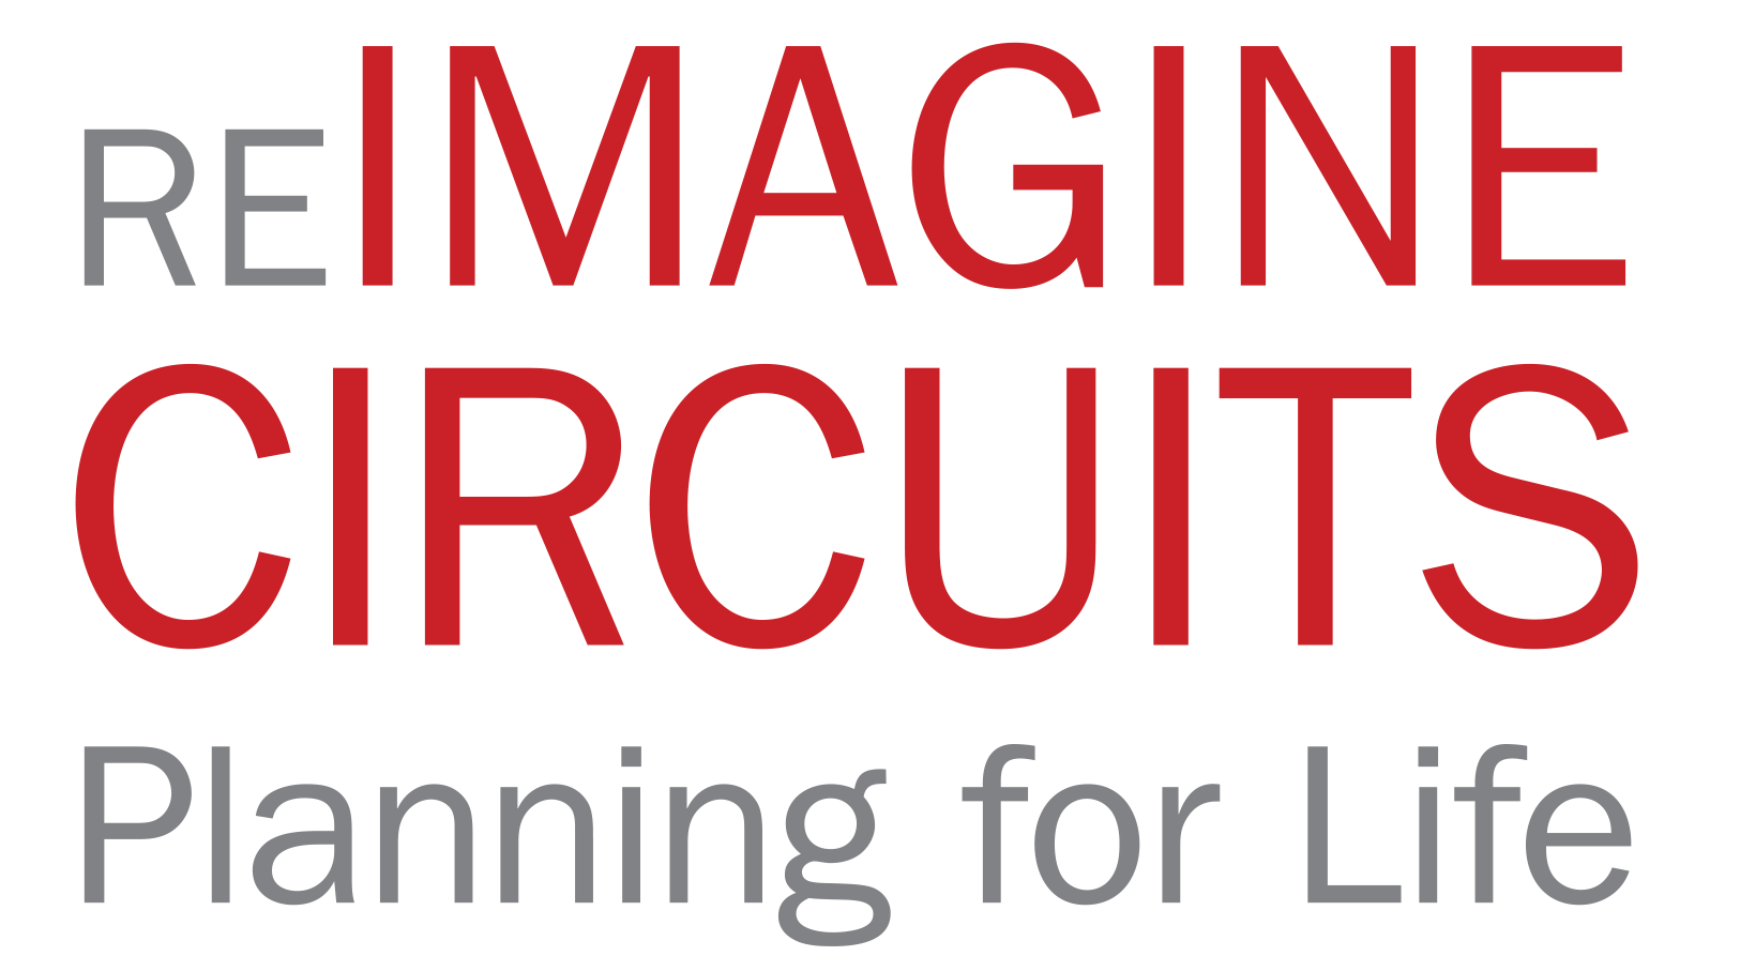 Reimagine Circuits